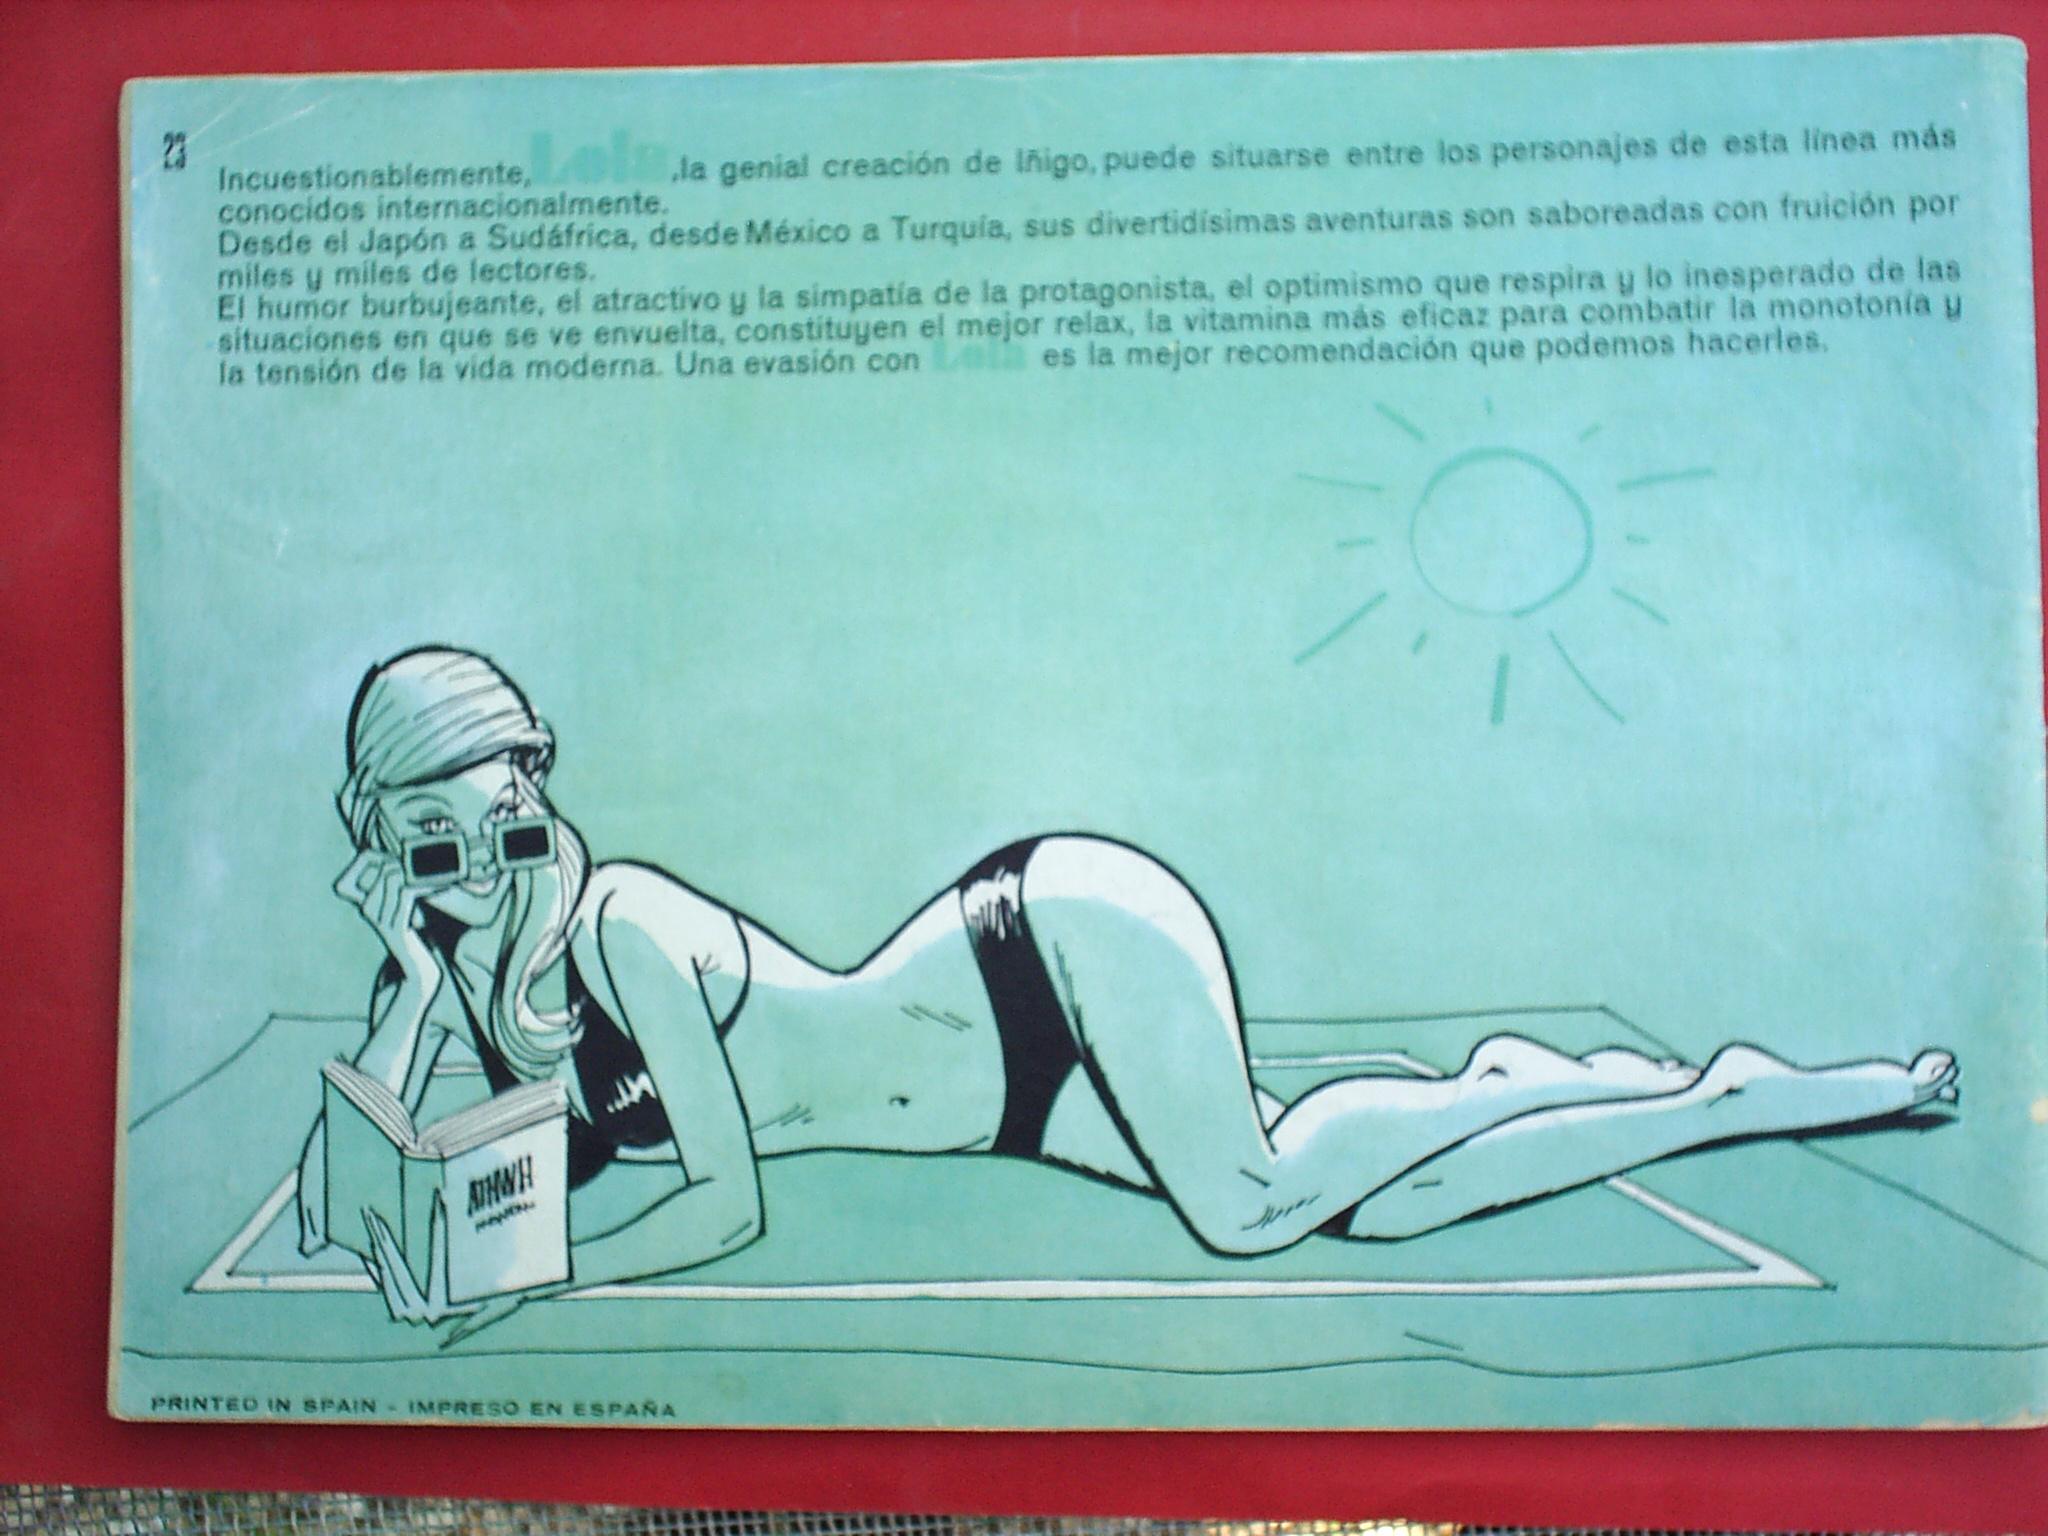 Tebeos: 120 TIRAS CON LOLA ,N.23 - 1976 - EDITORIAL BRUGUERA - Foto 2 - 24991351